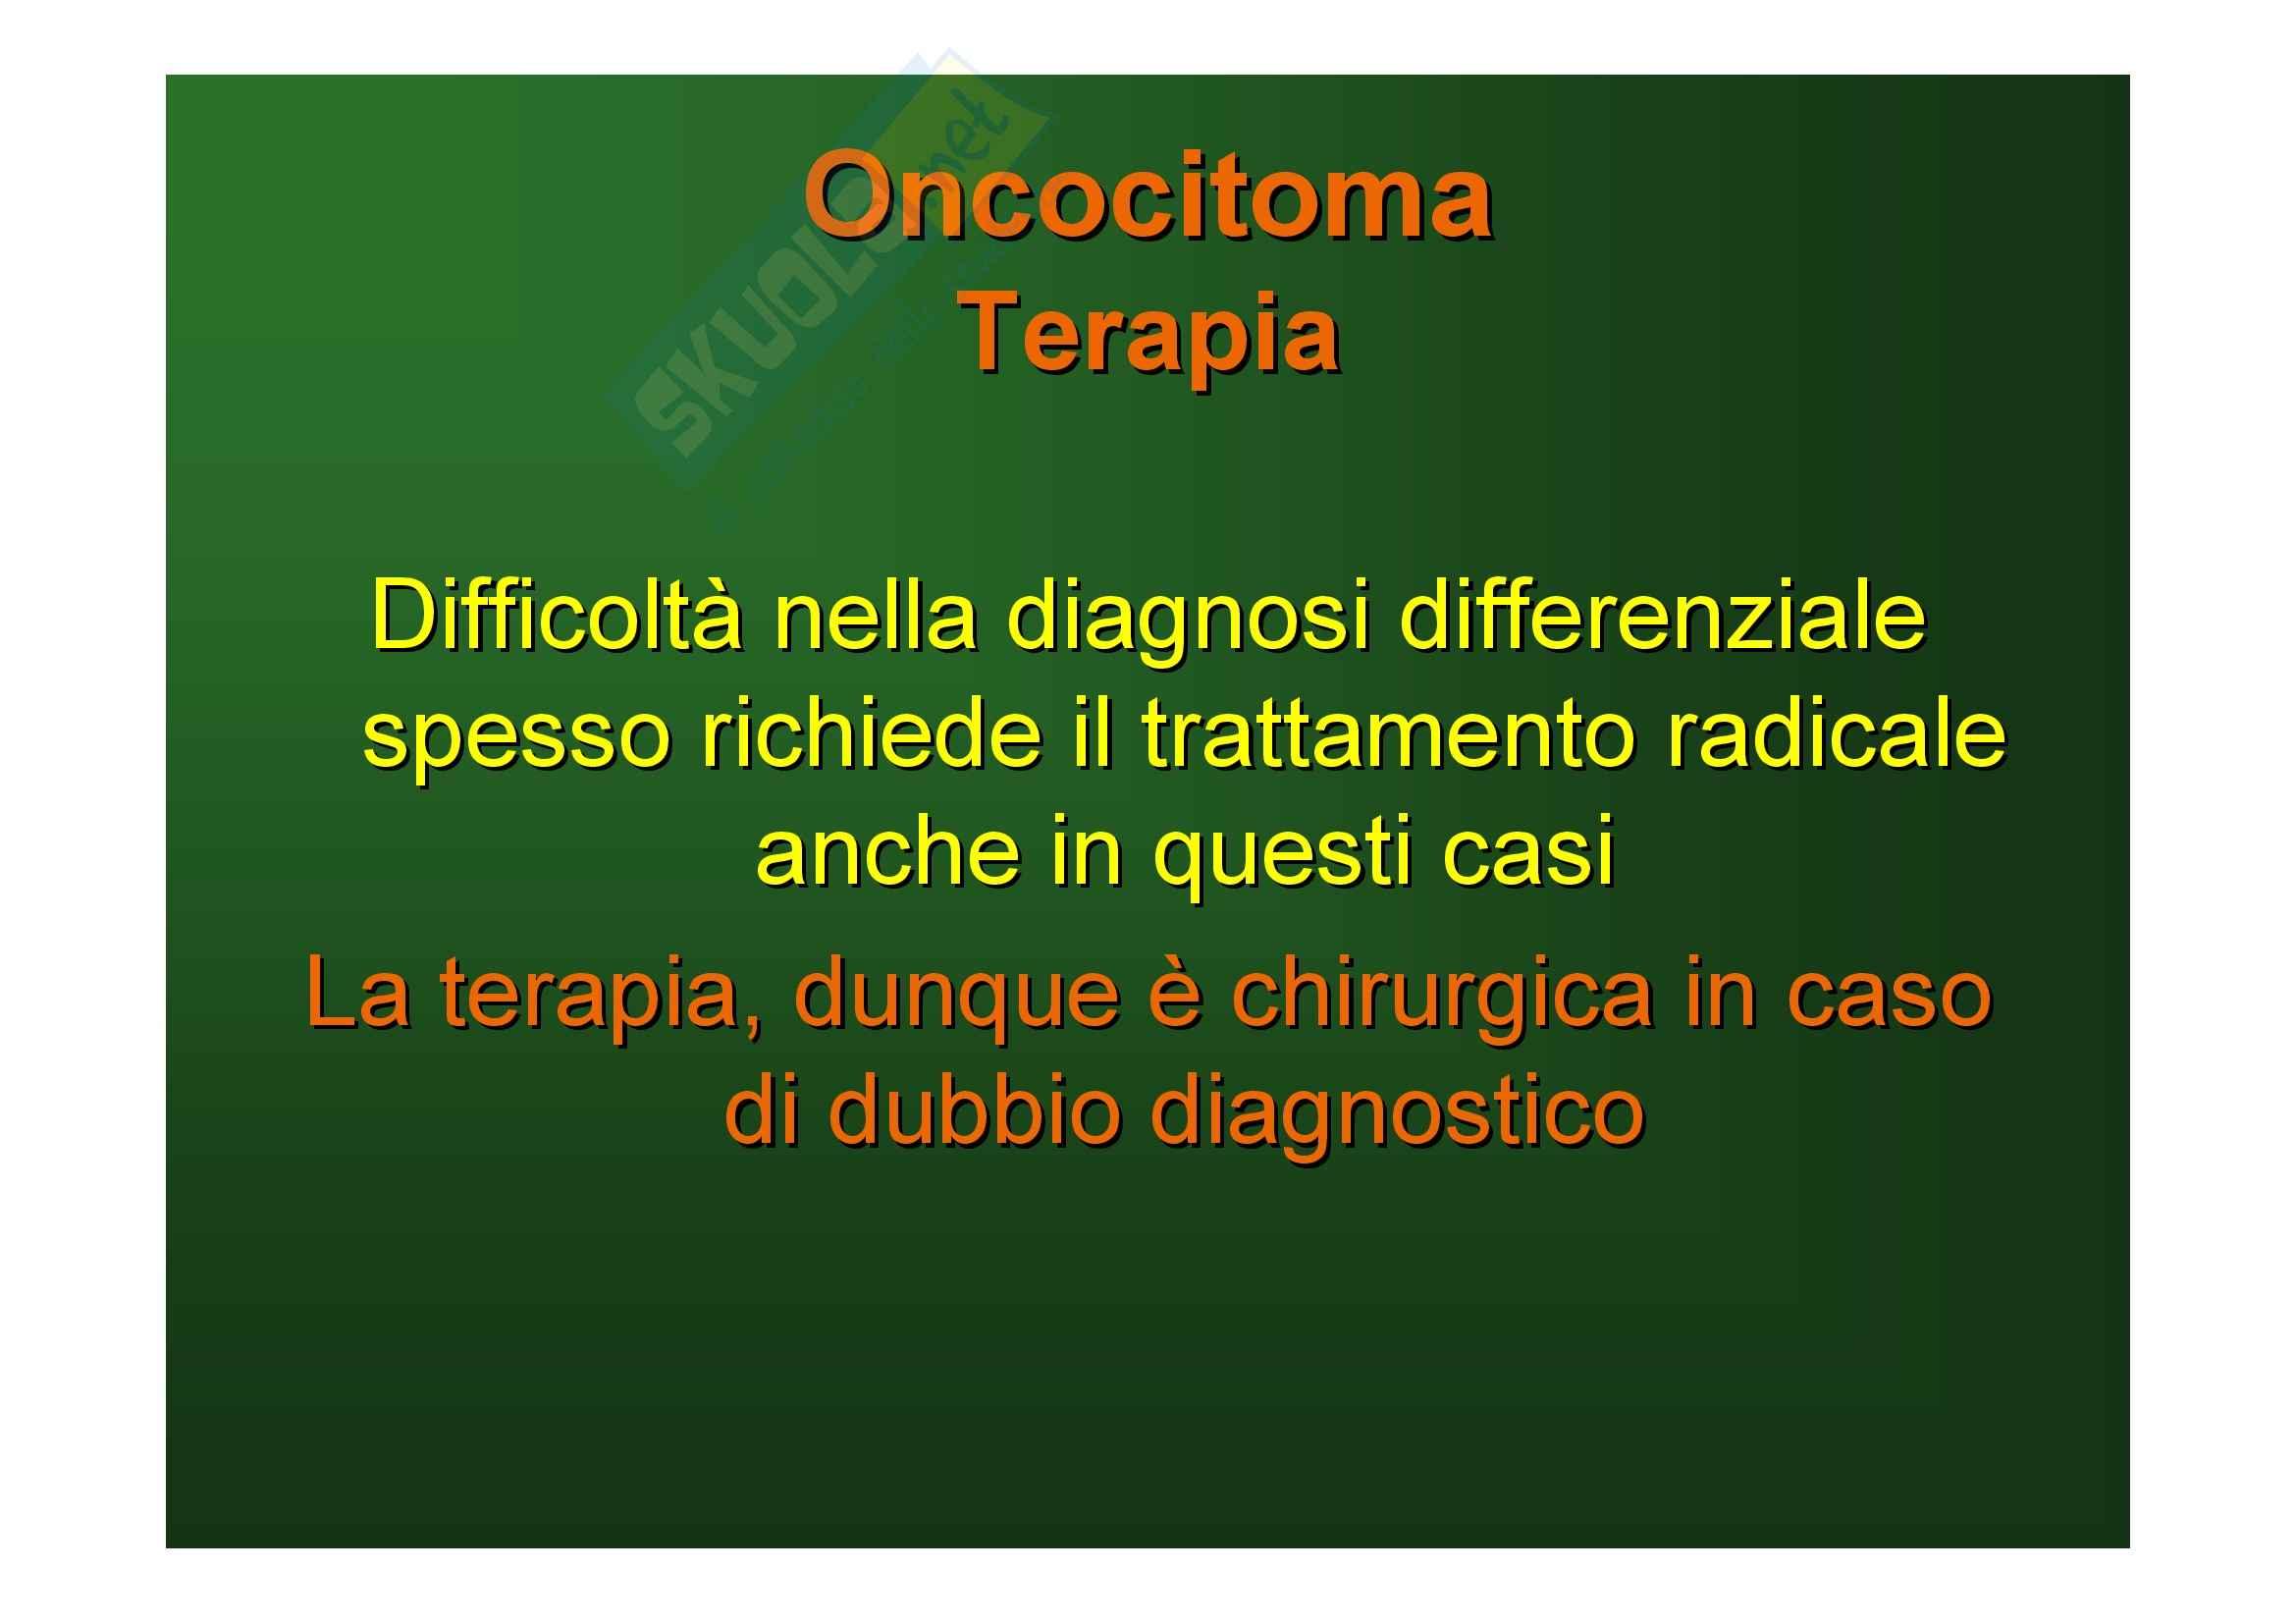 Malattie del rene e delle vie urinarie - tumori del rene Pag. 66